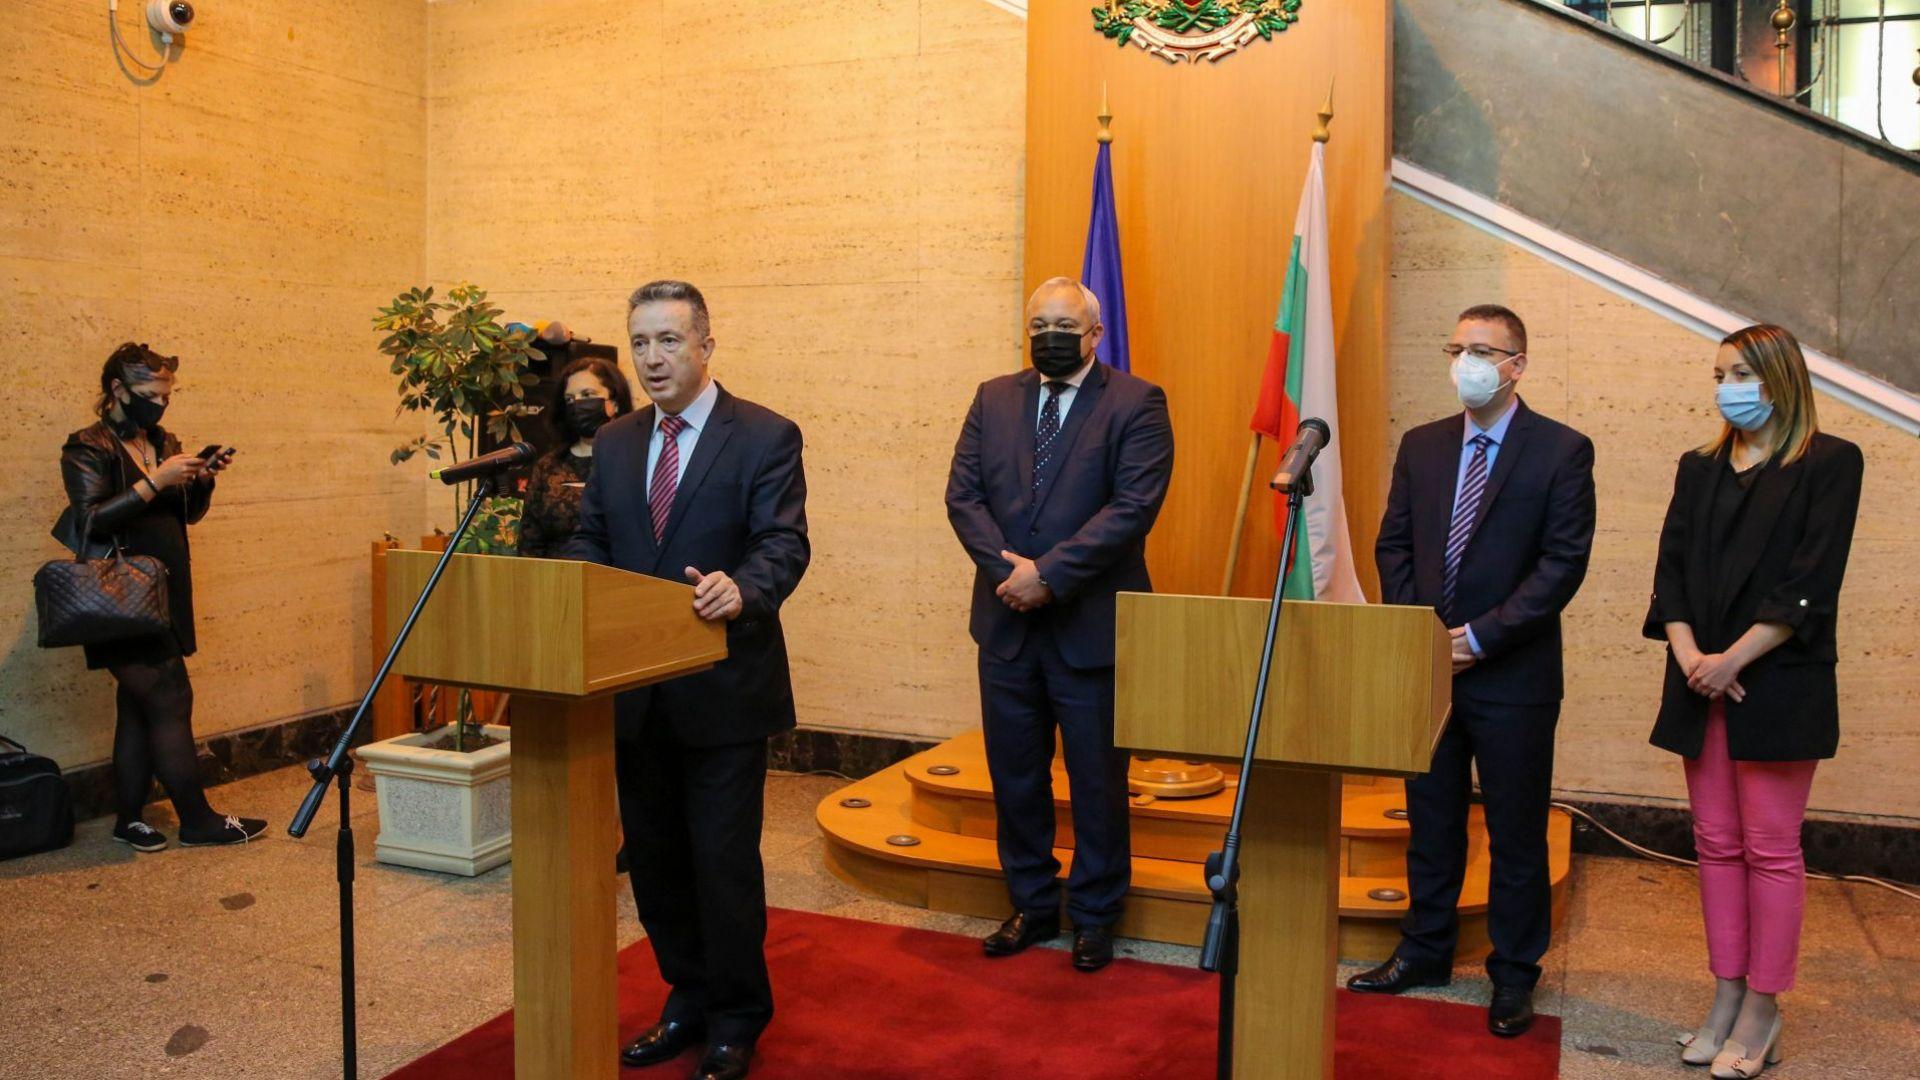 Започват редица проверки в Министерството на правосъдието